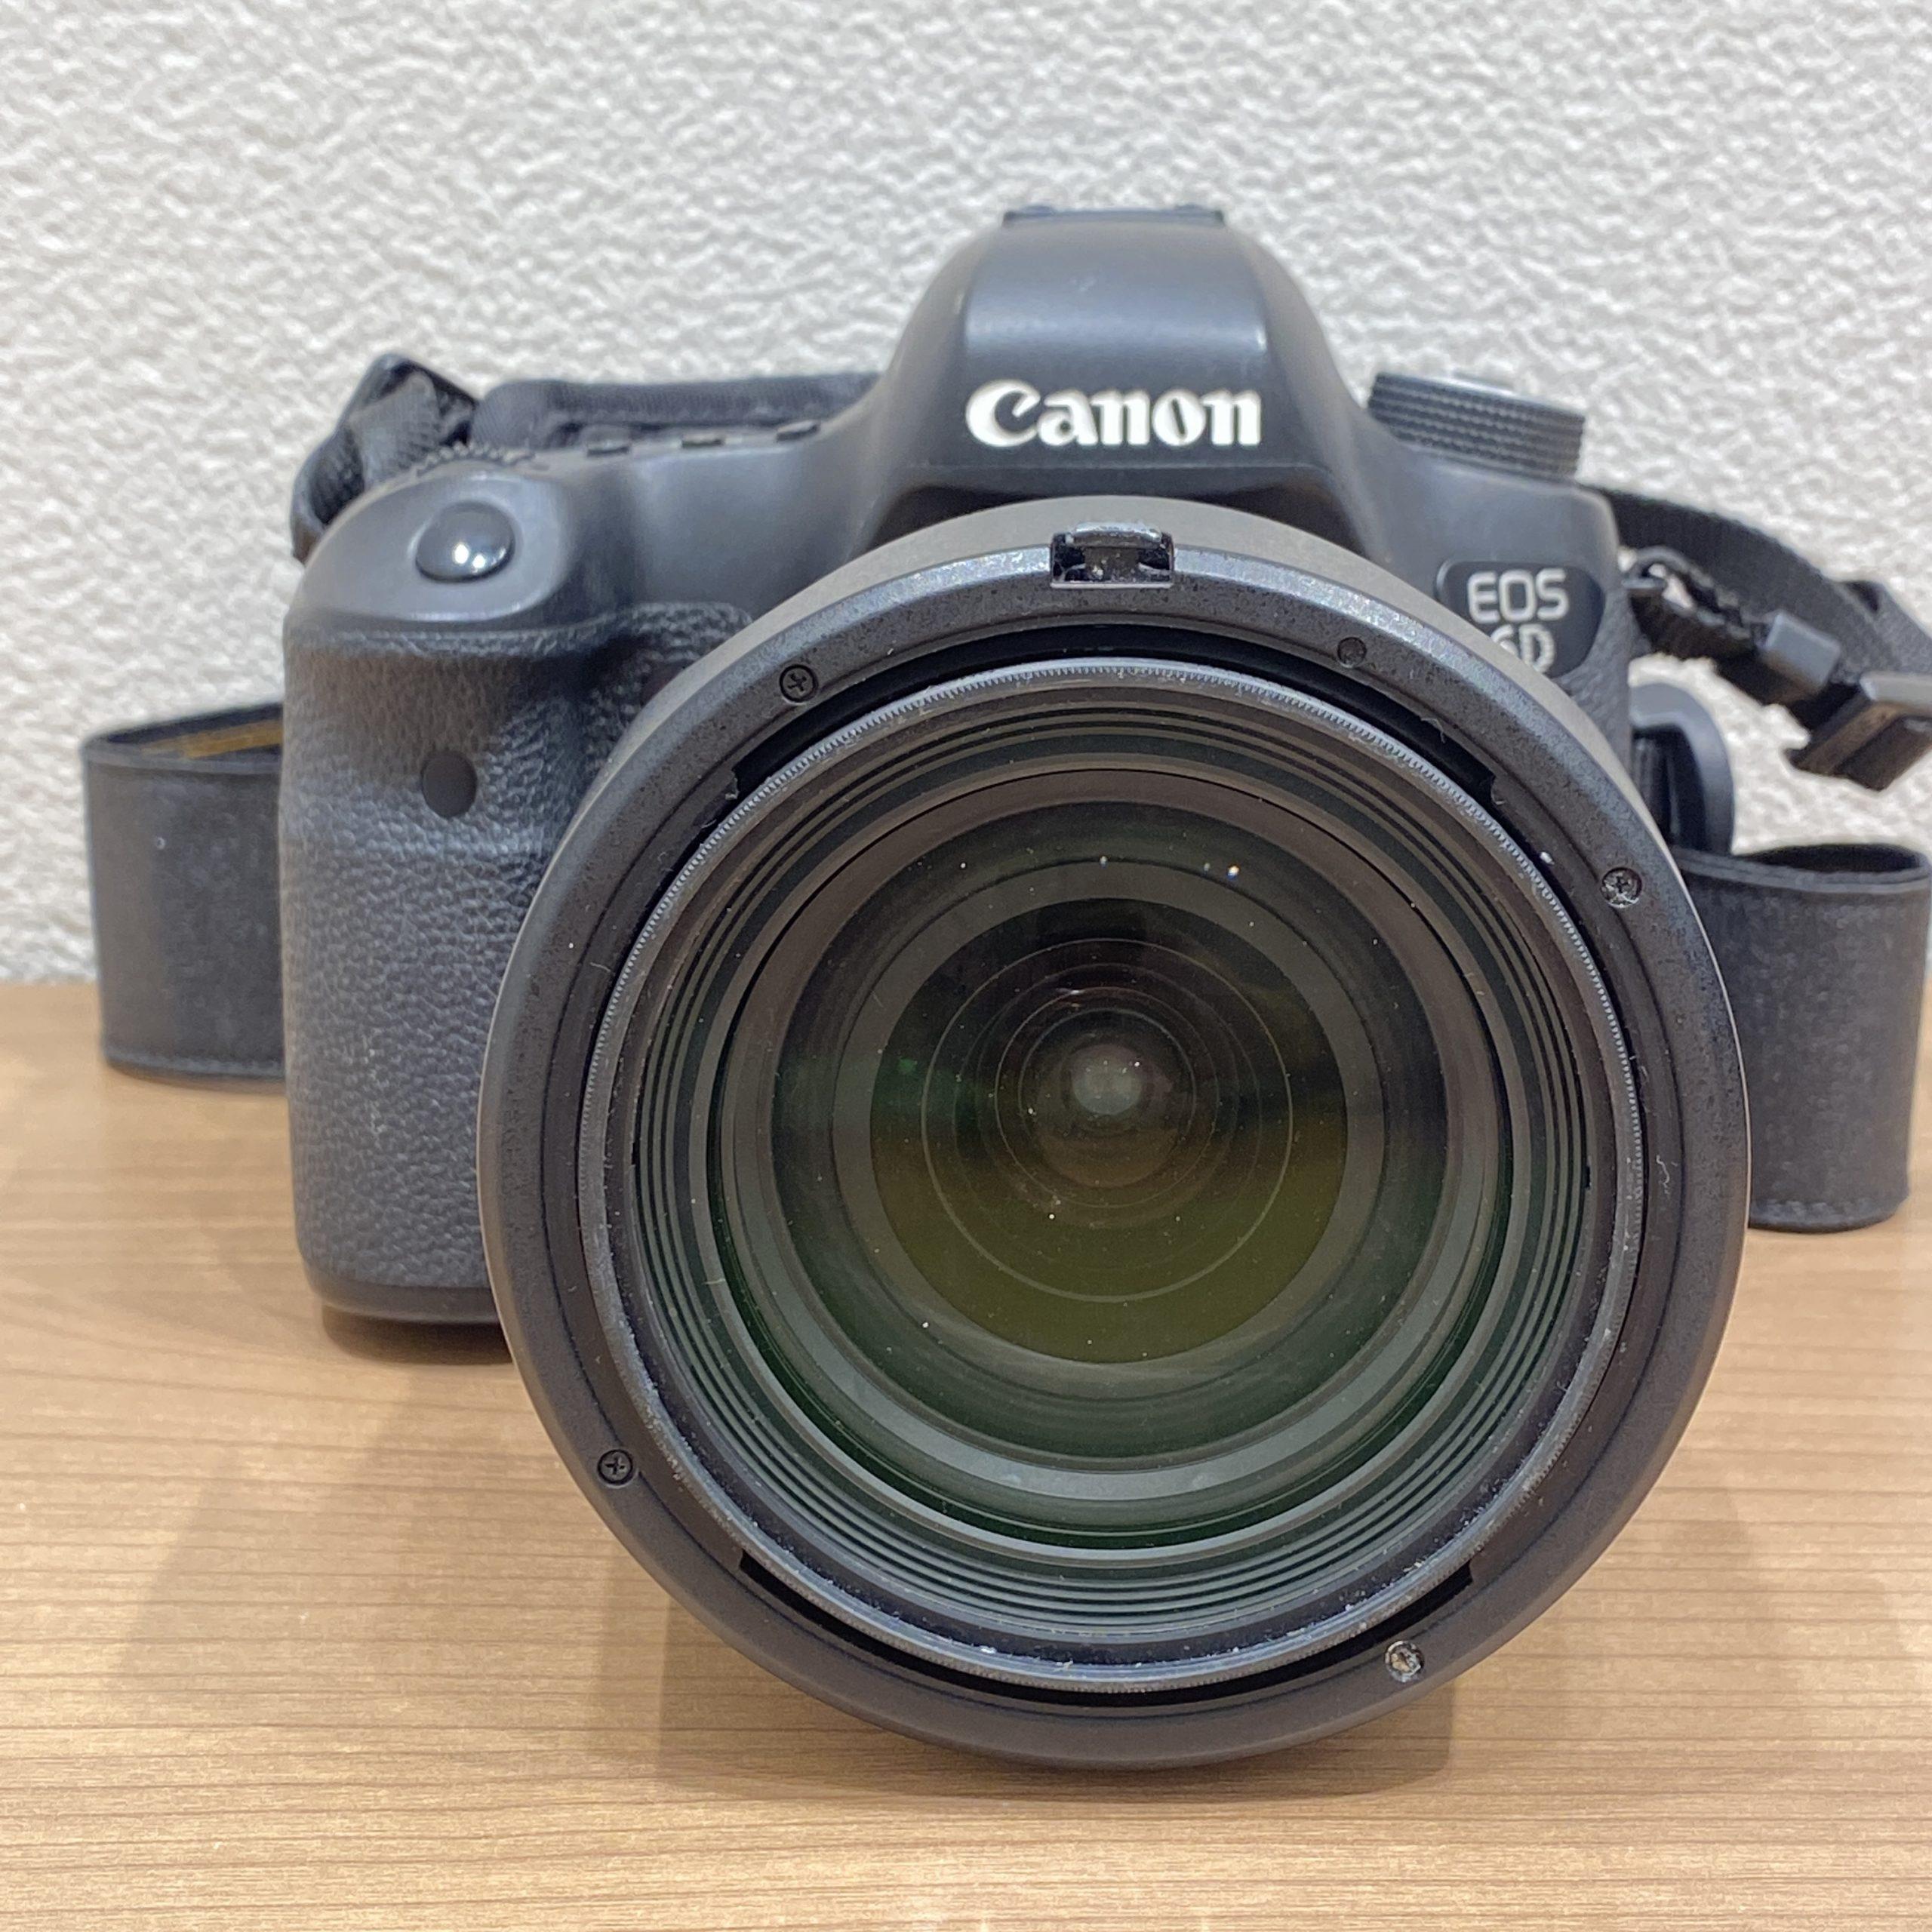 【Canon/キャノン】EOS/イオス 6D ボディ レンズ EW-83L 24-70mm